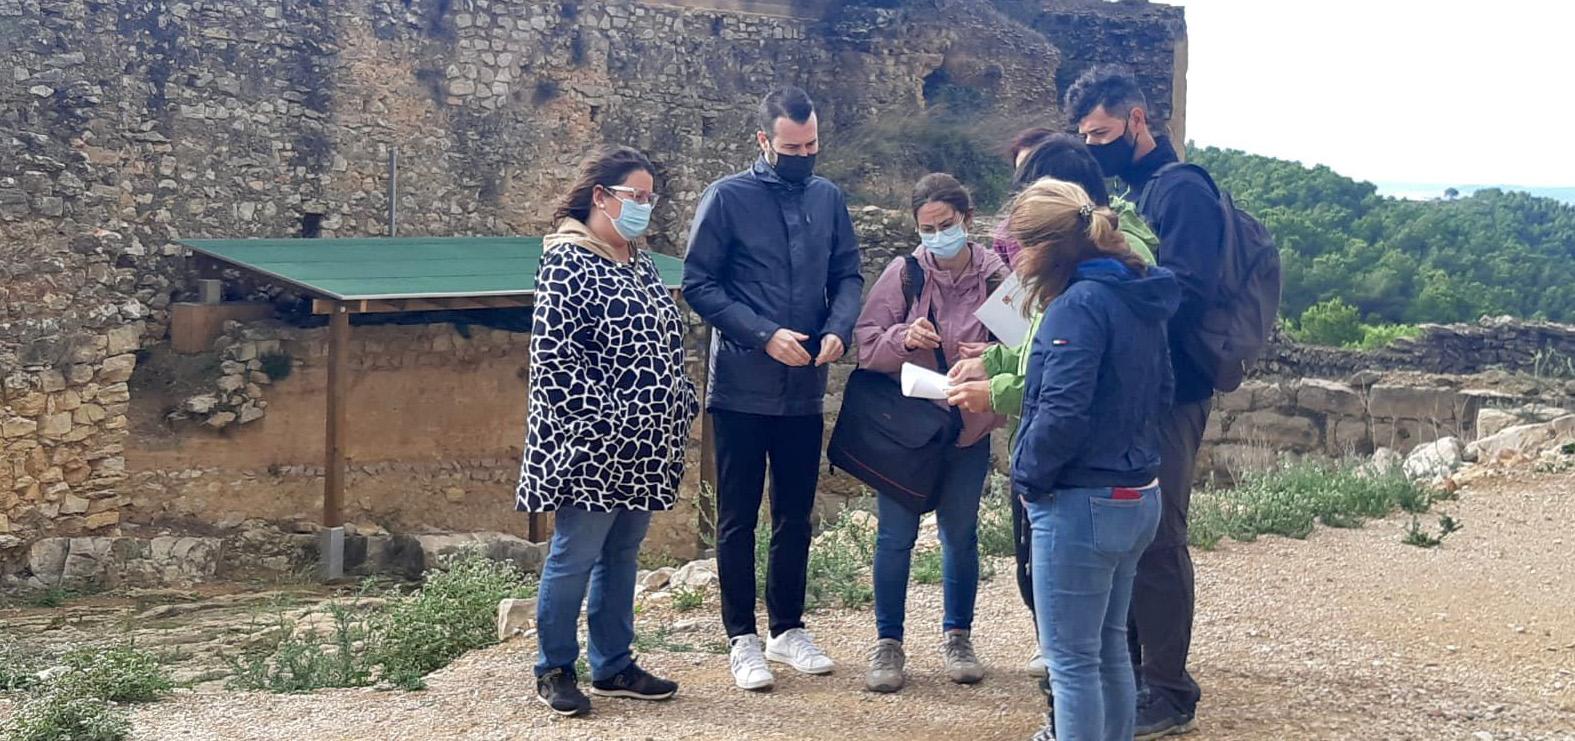 La Diputació inicia a Alcalà de Xivert els treballs de protecció de les pintures templeres del Castell